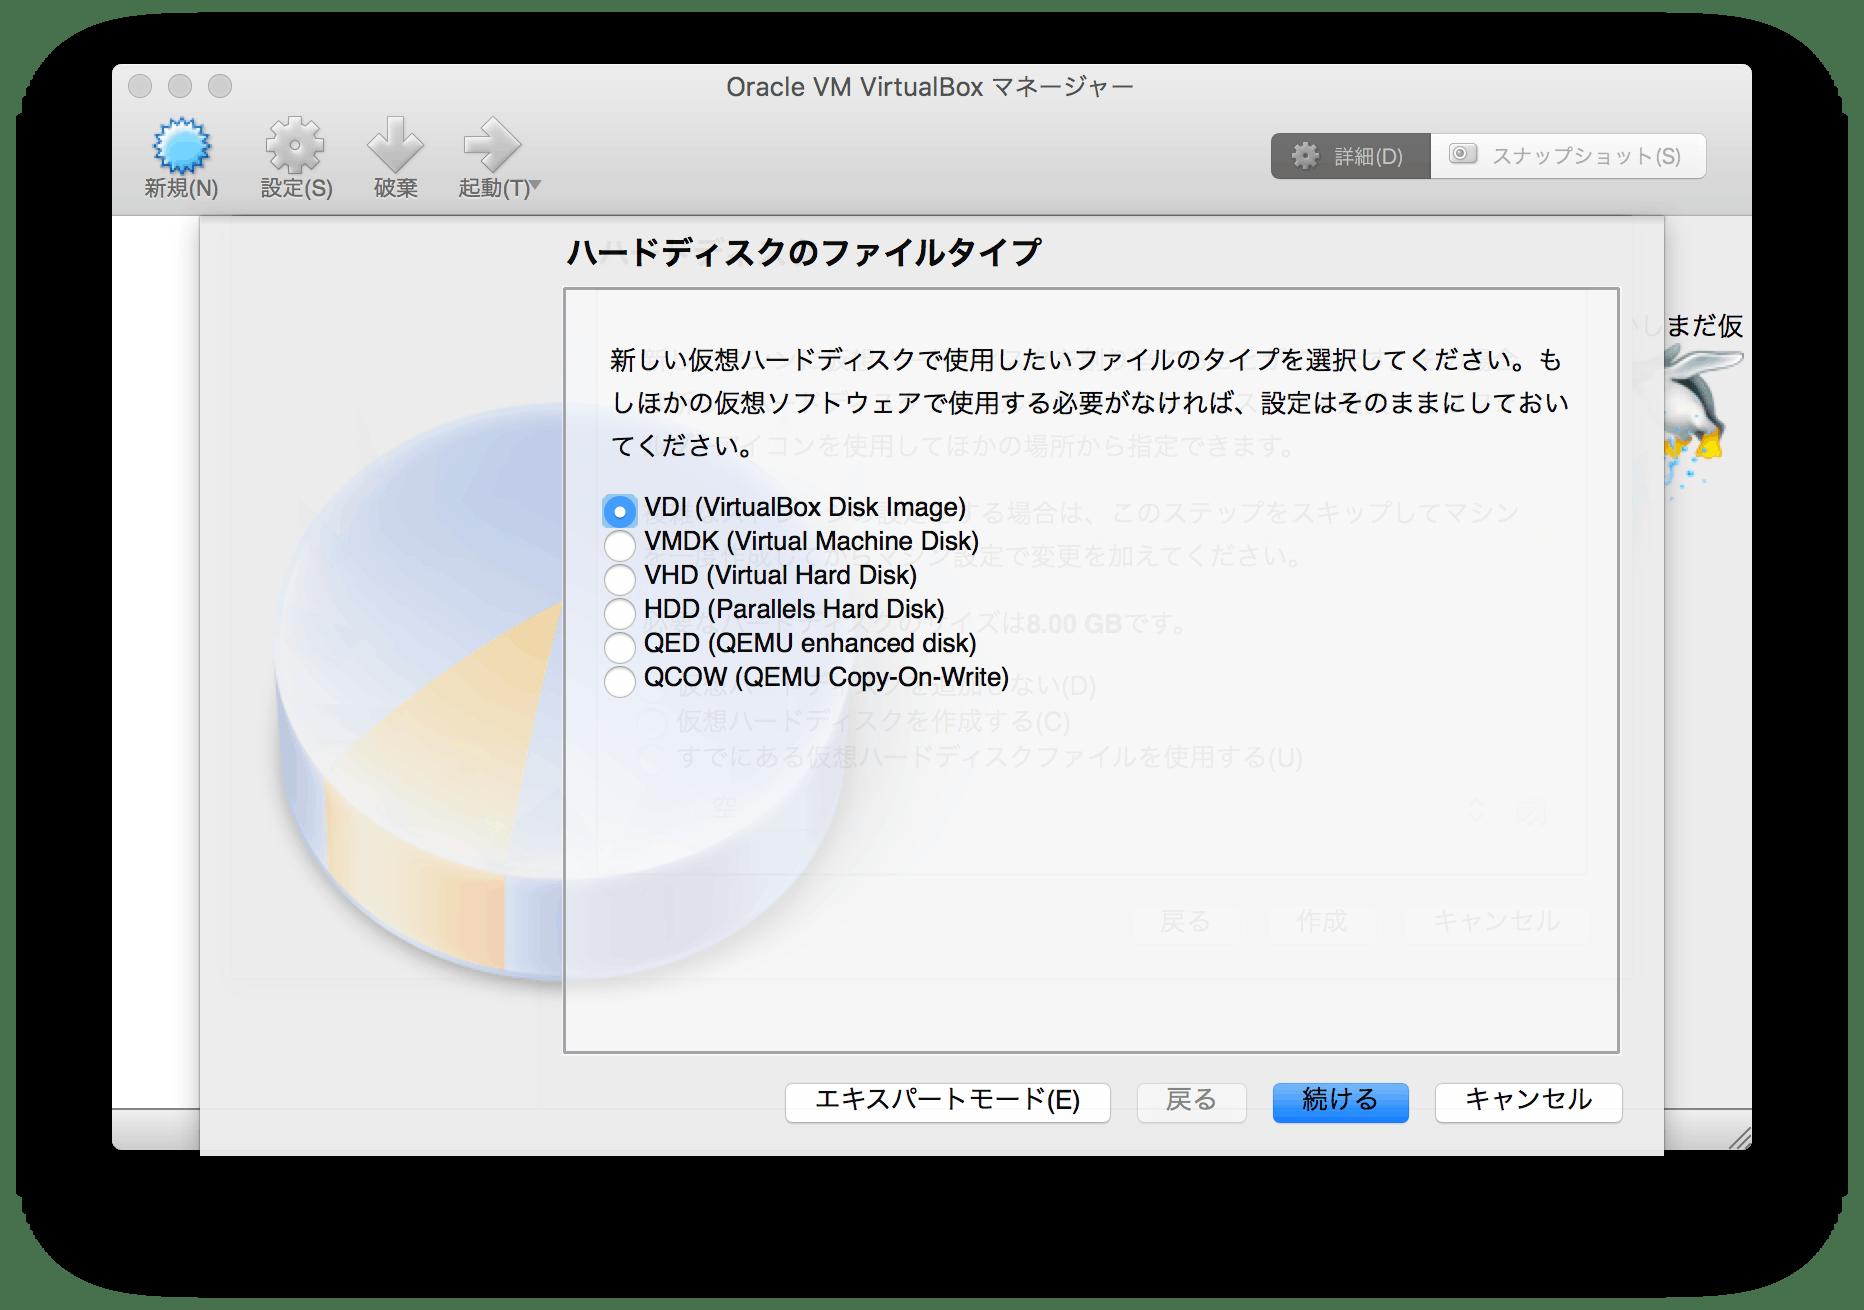 スクリーンショット 2017-02-14 0.50.55.png